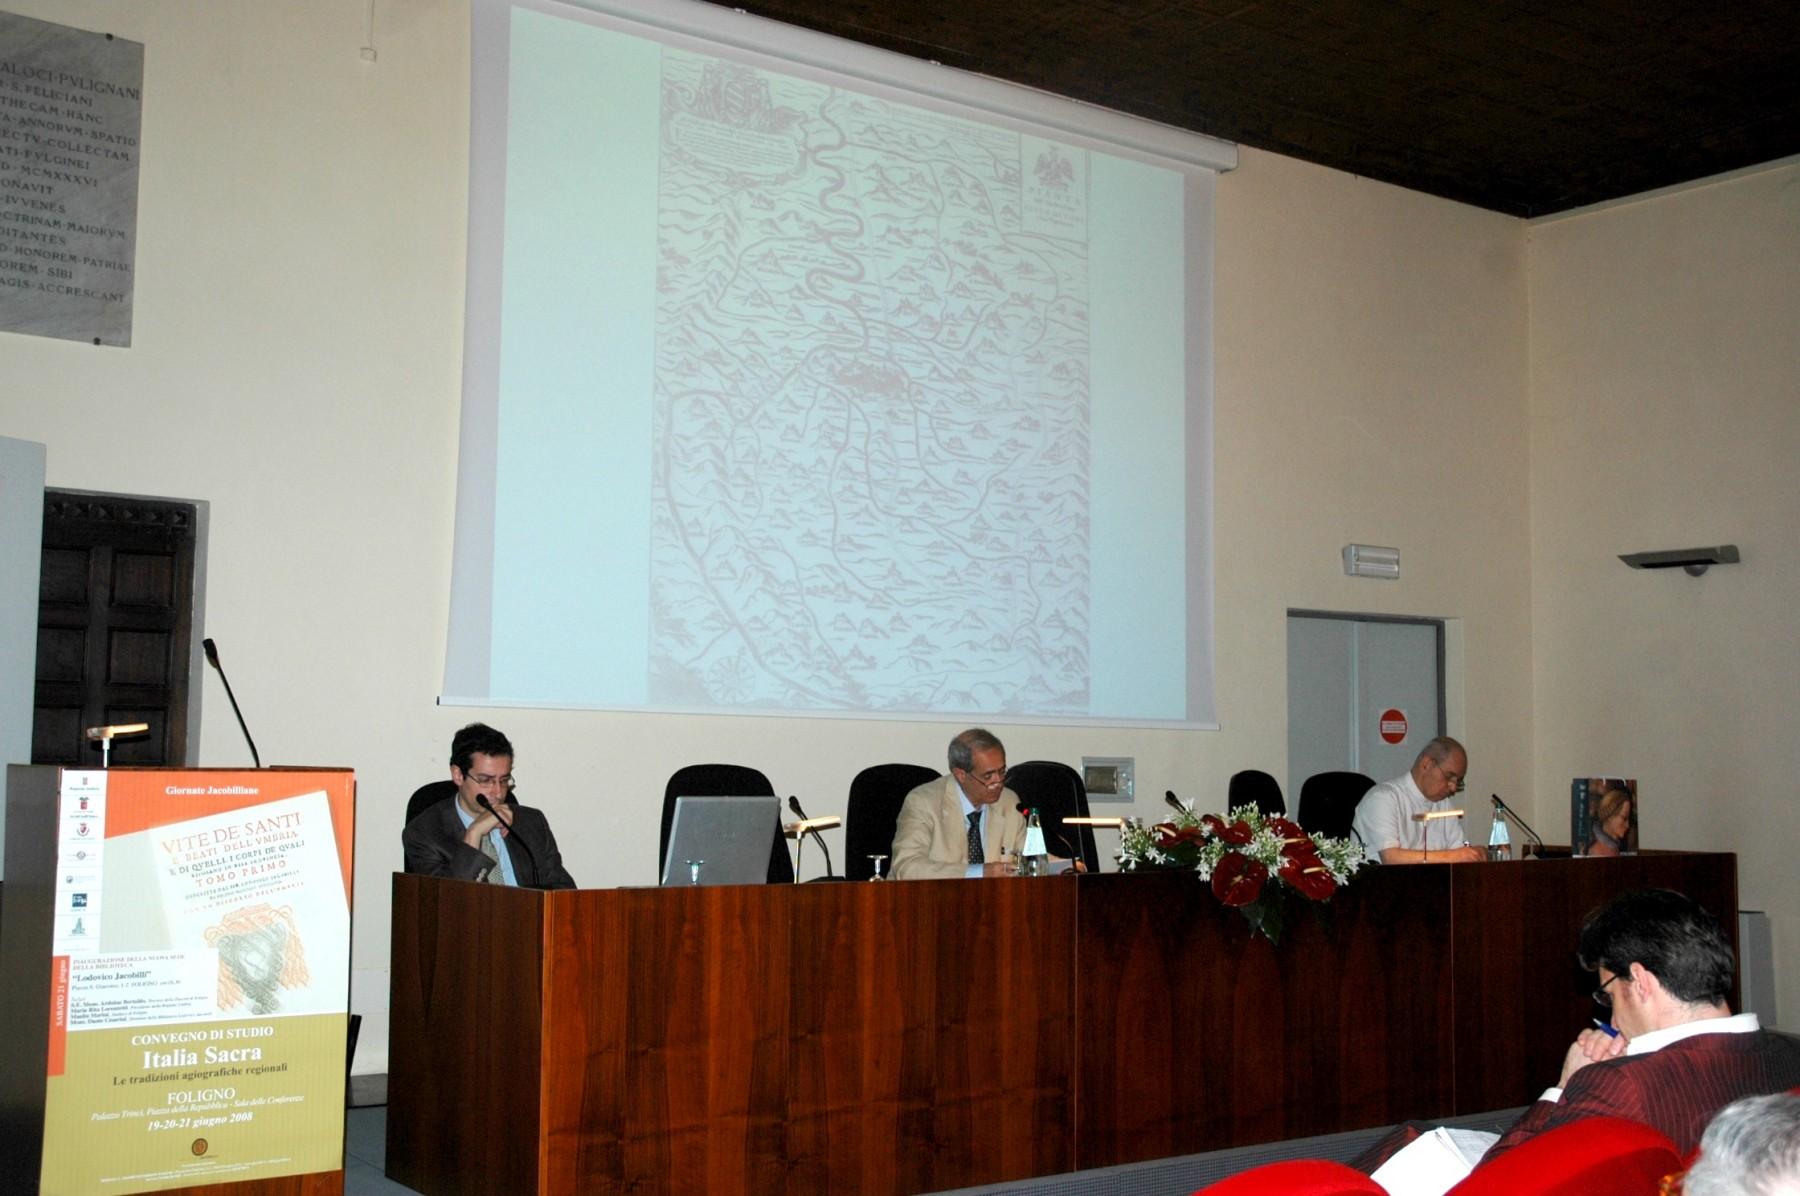 Convegno Italia Sacra - 19-21 giugno 2008 - Alberto Melelli